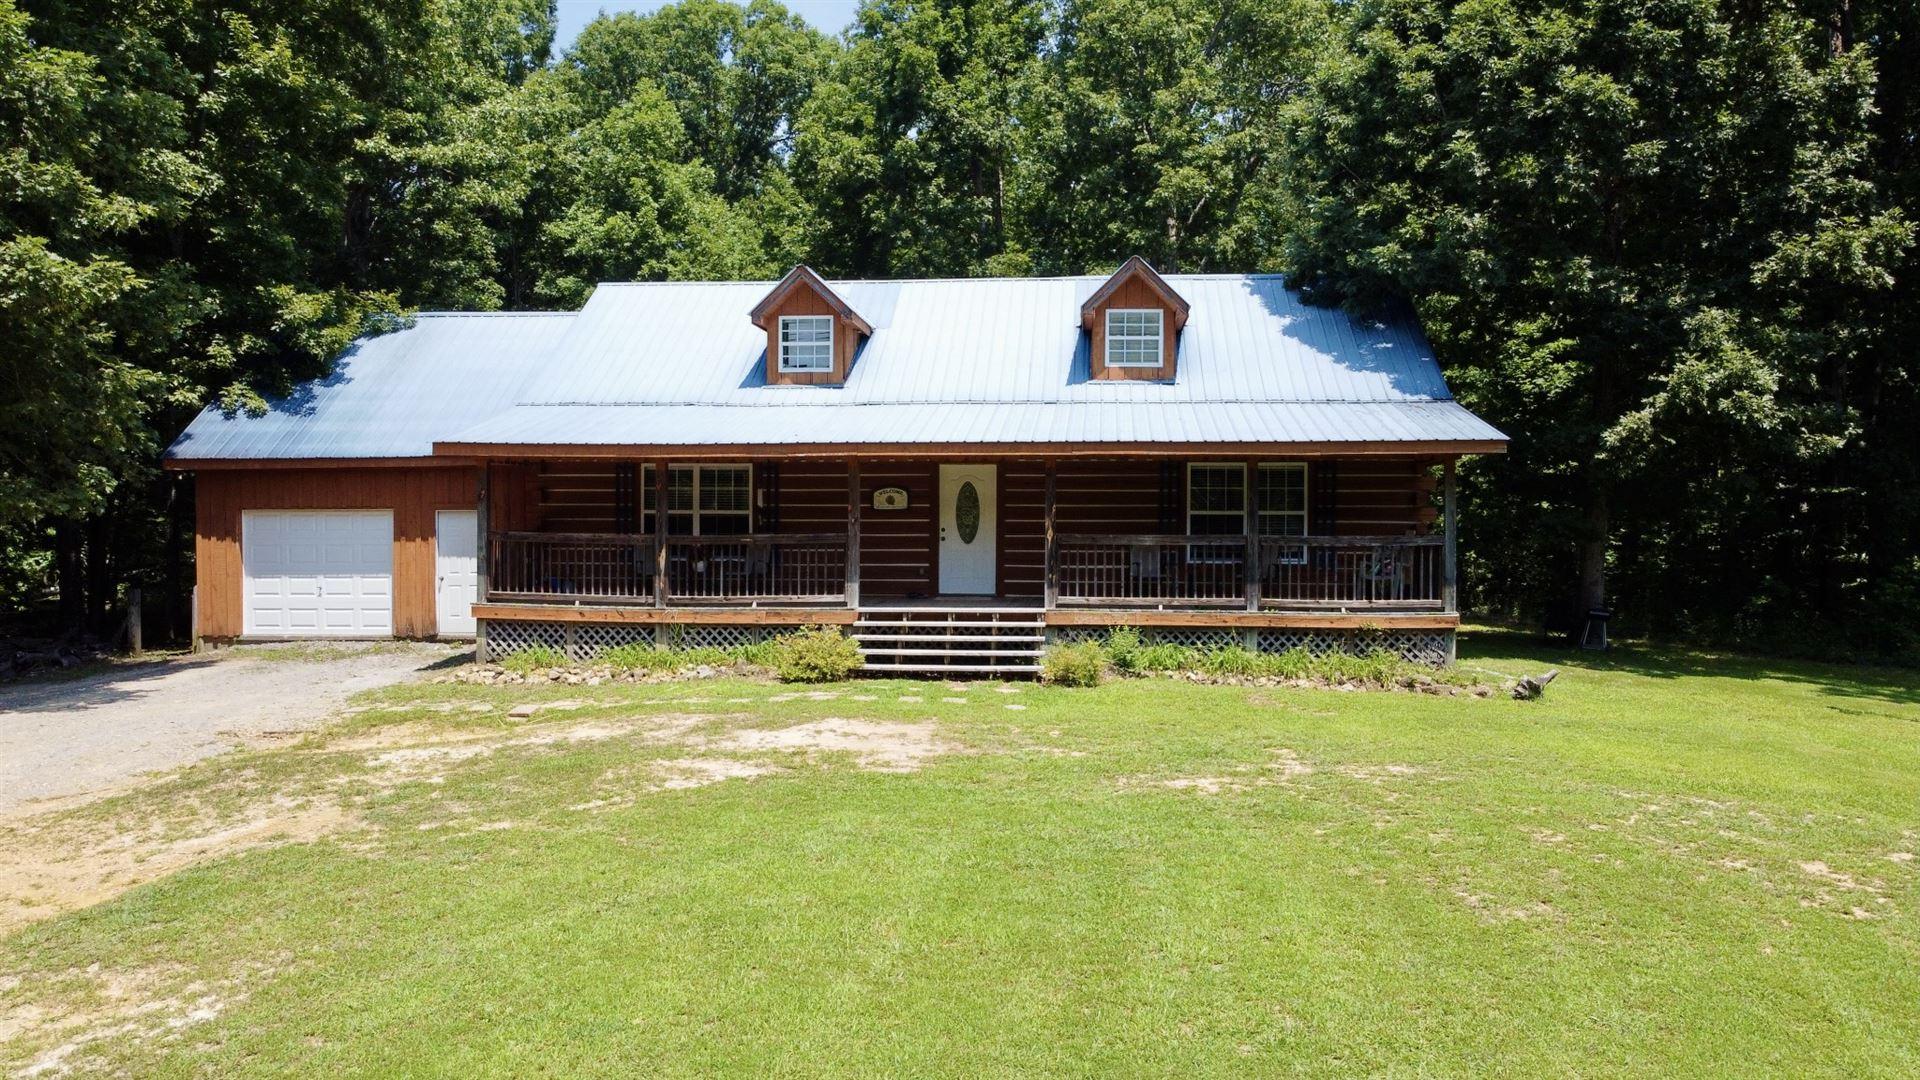 700 Limekiln Rd, Erin, TN 37061 - MLS#: 2277298